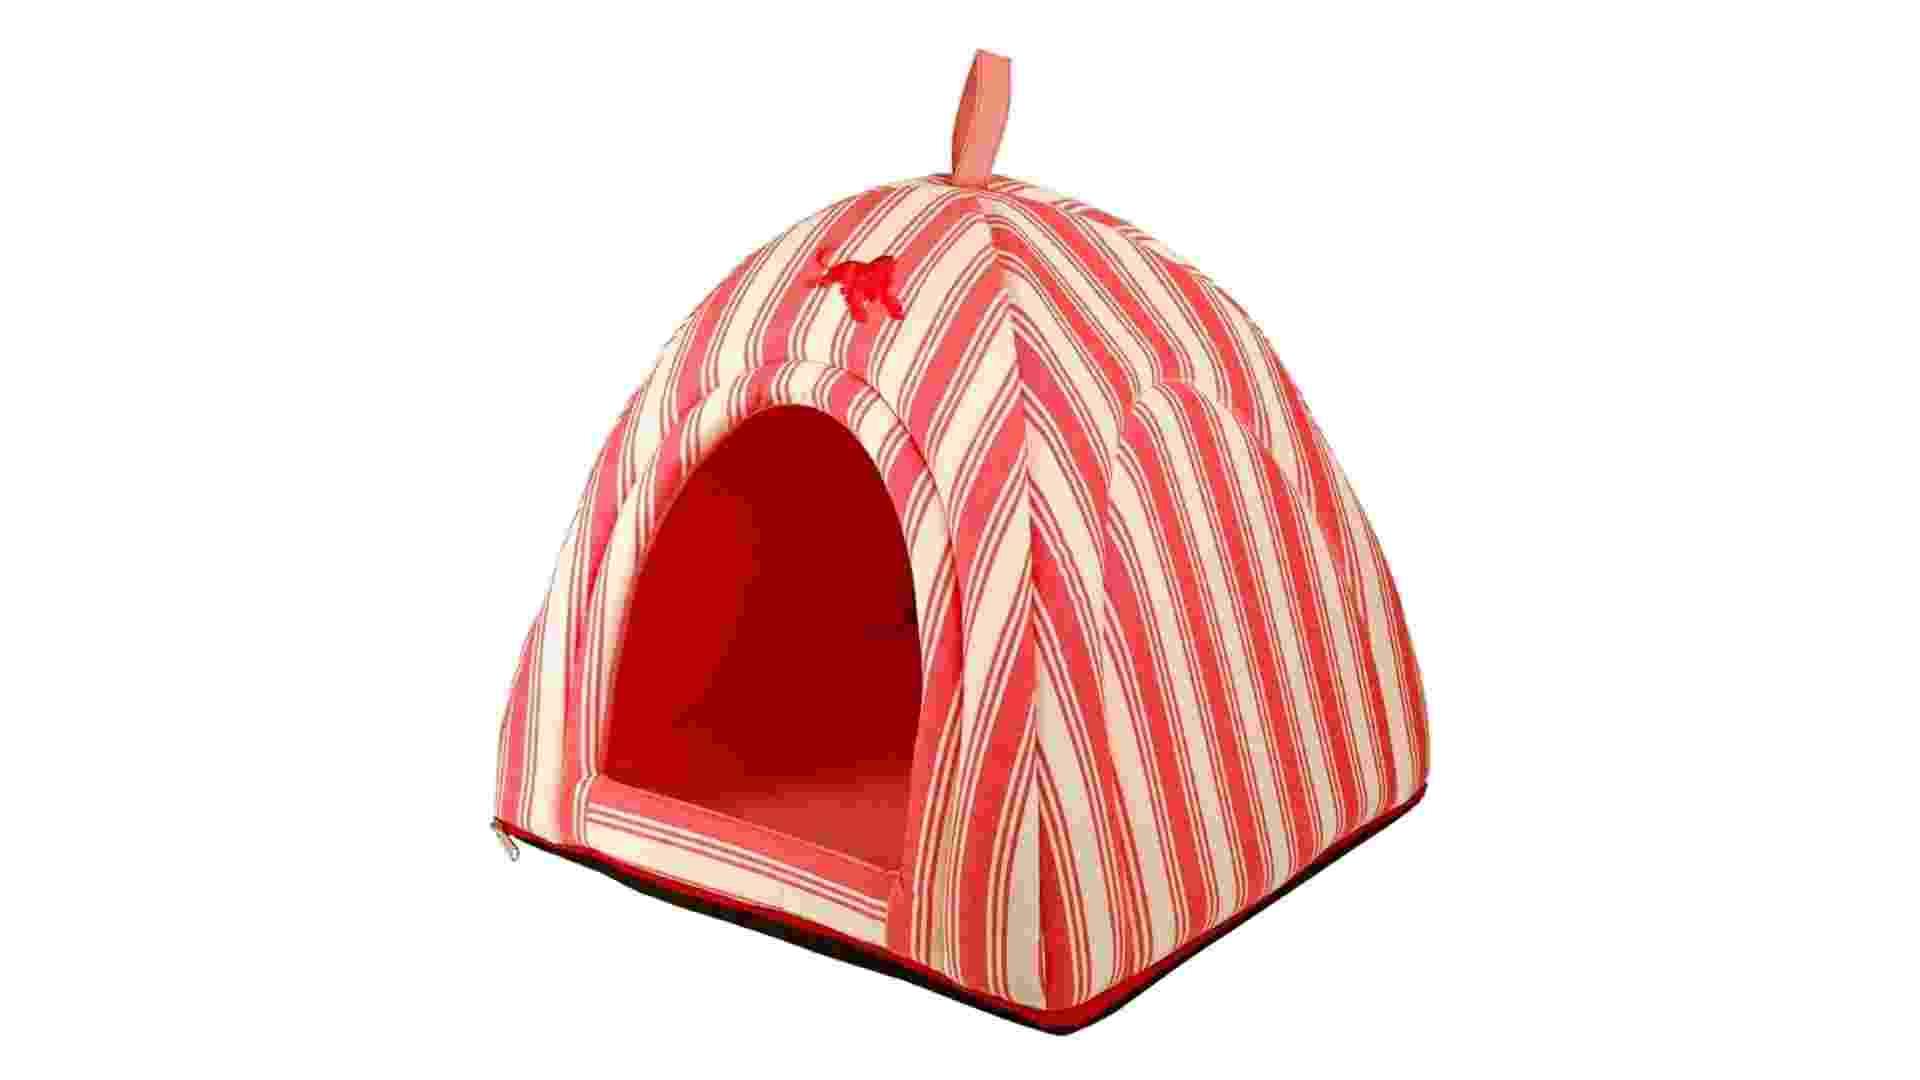 Feita de poliéster e algodão, a cama é perfeita para animais pequenos. À venda na Millie Signature (www.millie.com.br) por R$ 299,88 | Preço pesquisado em abril de 2014 e sujeito a alterações - Divulgação